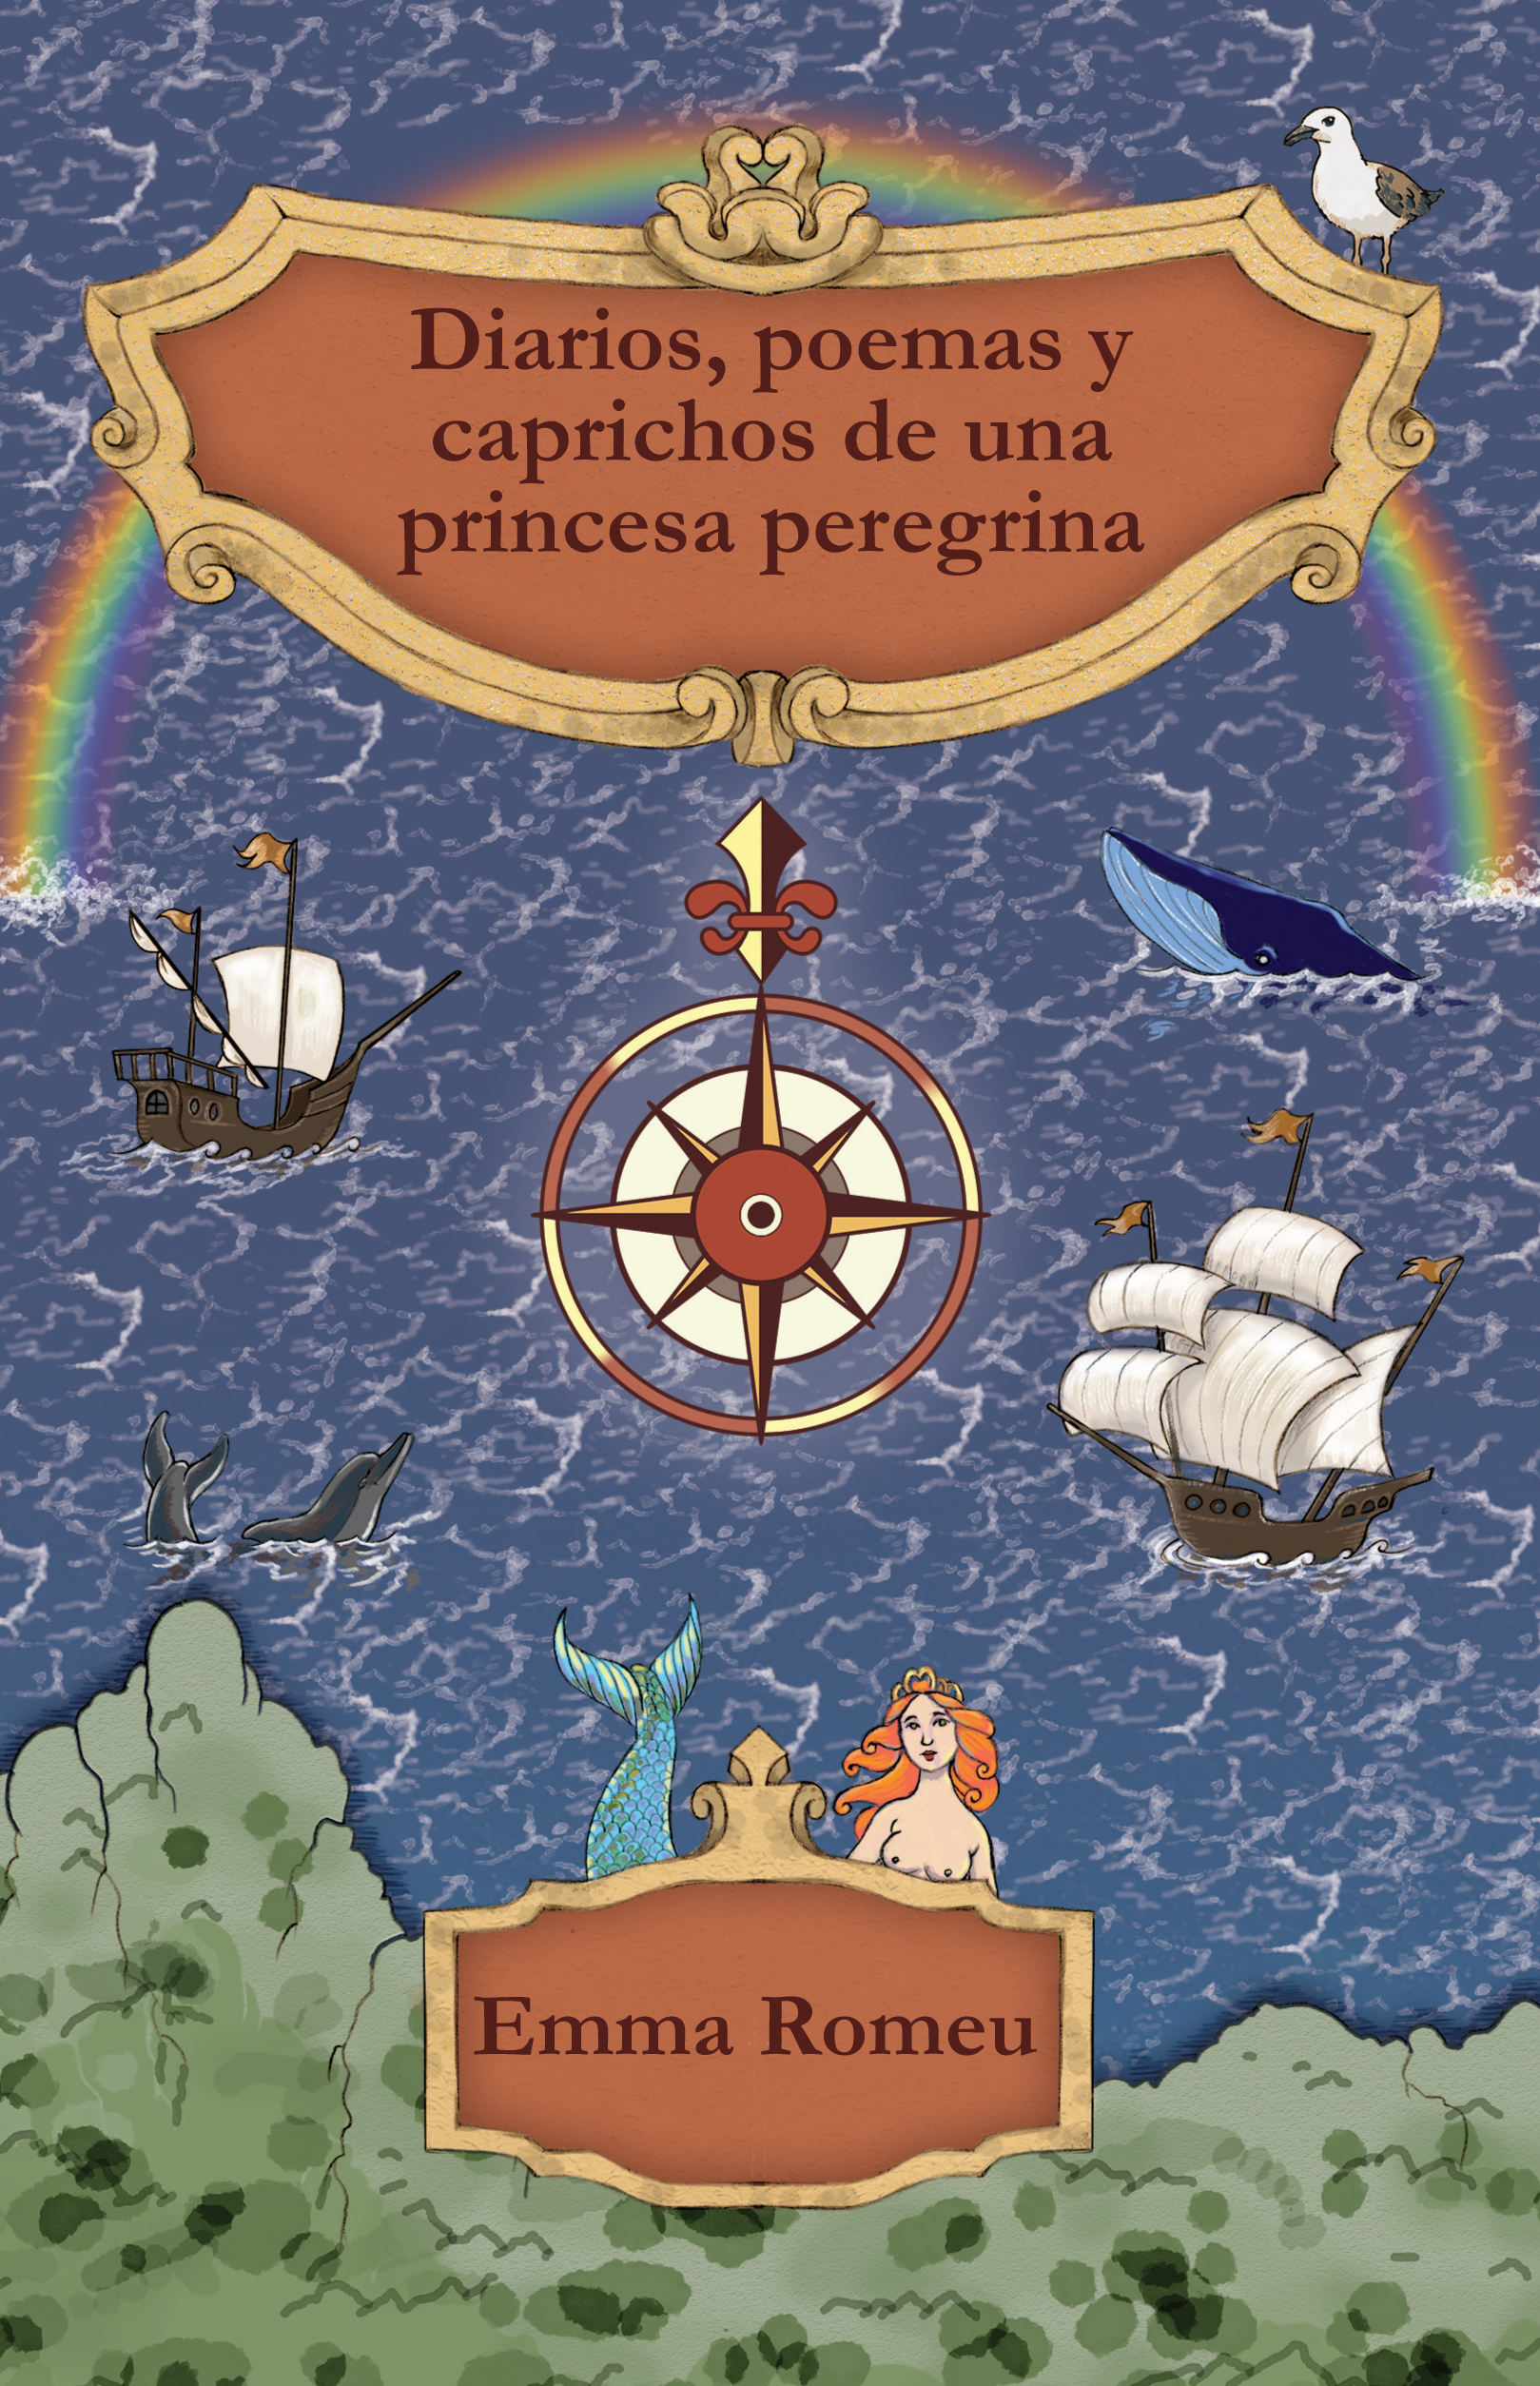 Diarios, poemas y caprichos de una princesa peregrina